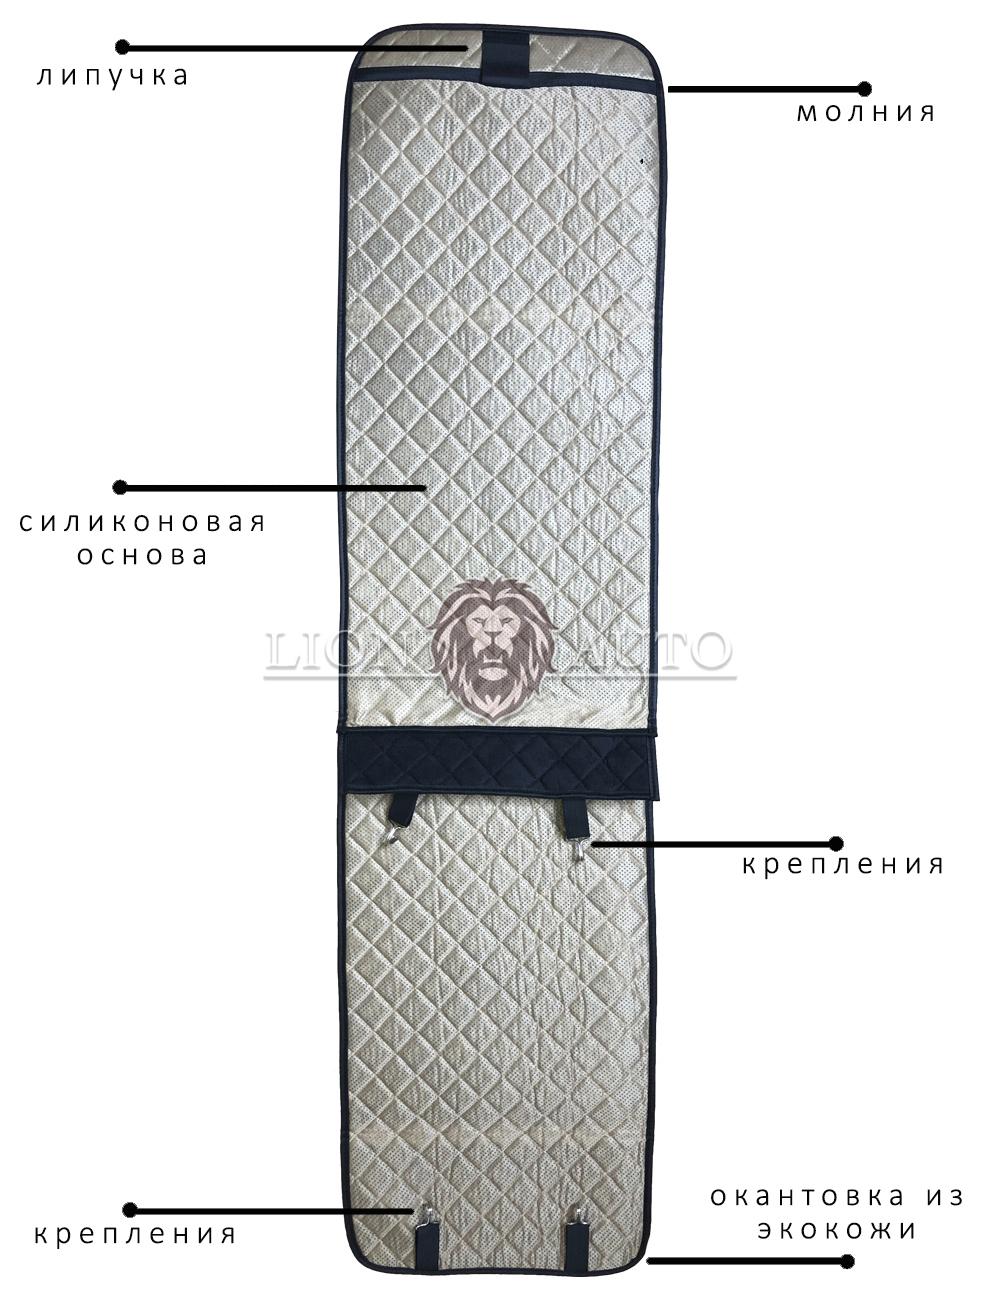 Накидки на сиденья из алькантары (черная строчка)